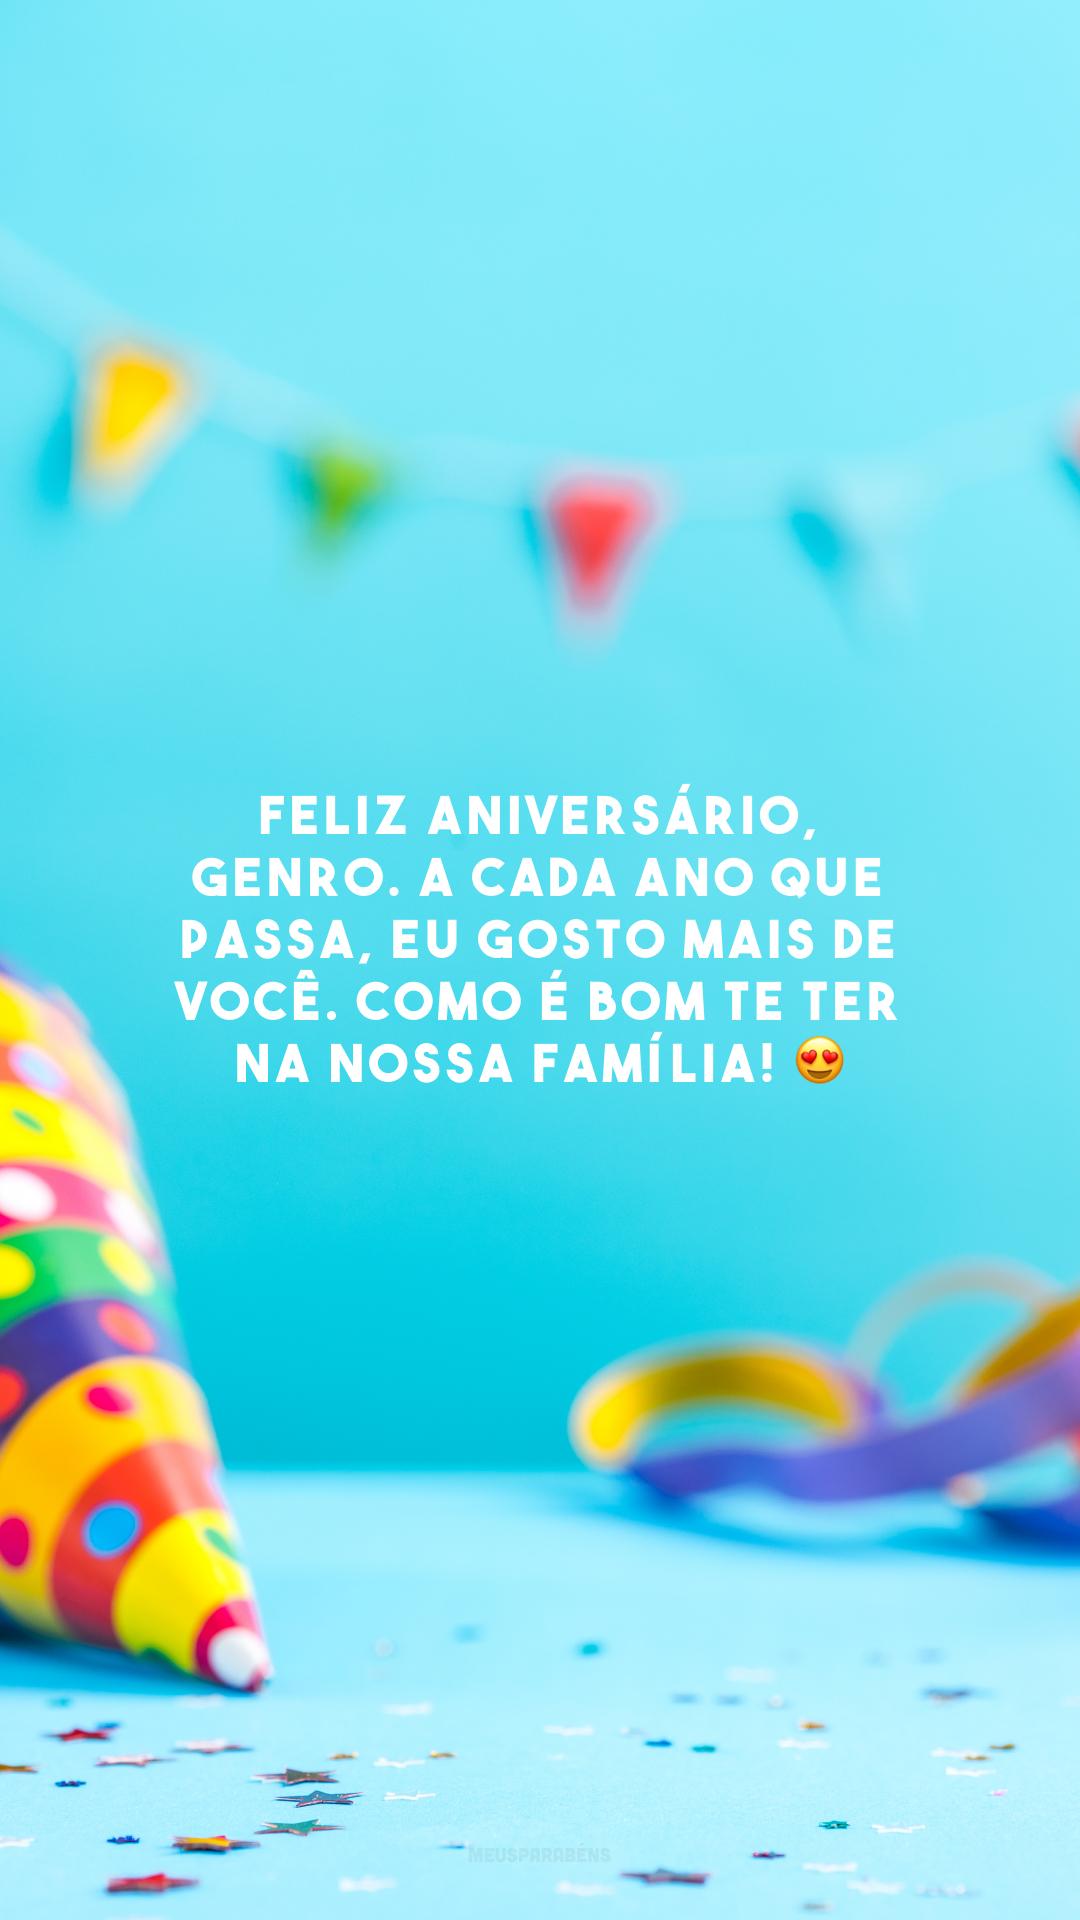 Feliz aniversário, genro. A cada ano que passa, eu gosto mais de você. Como é bom te ter na nossa família! 😍